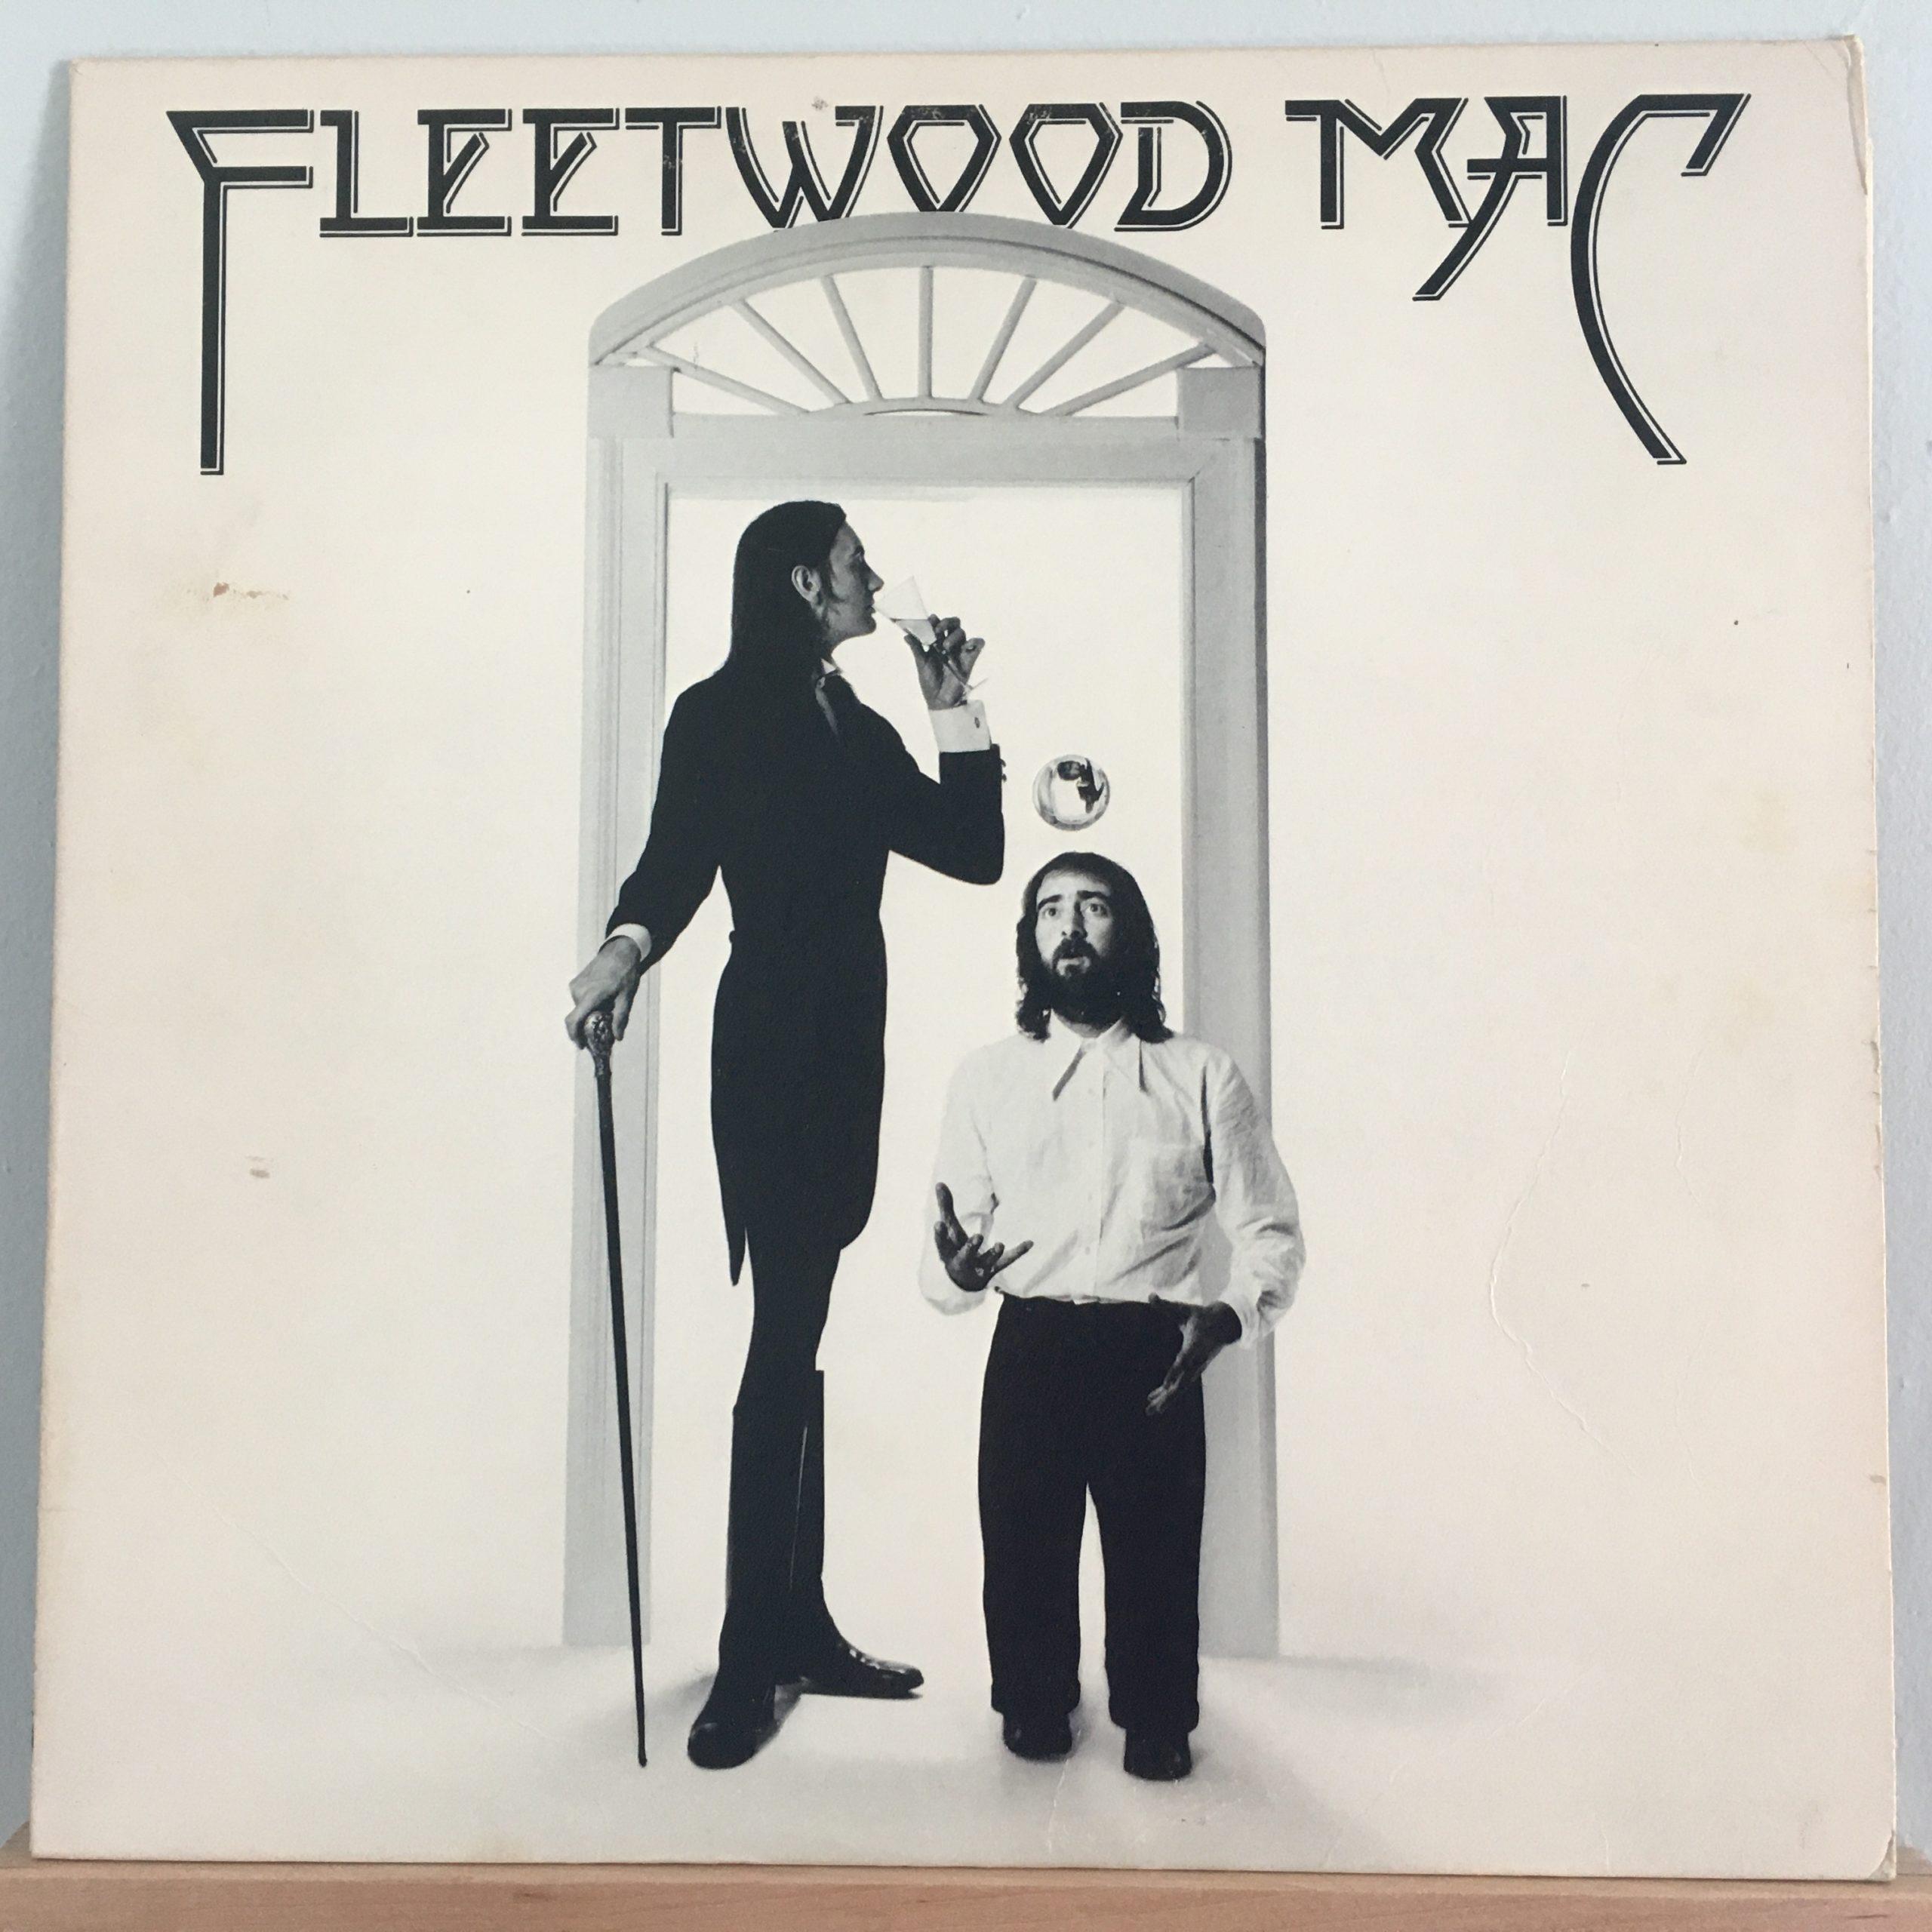 Fleetwood Mac front cover